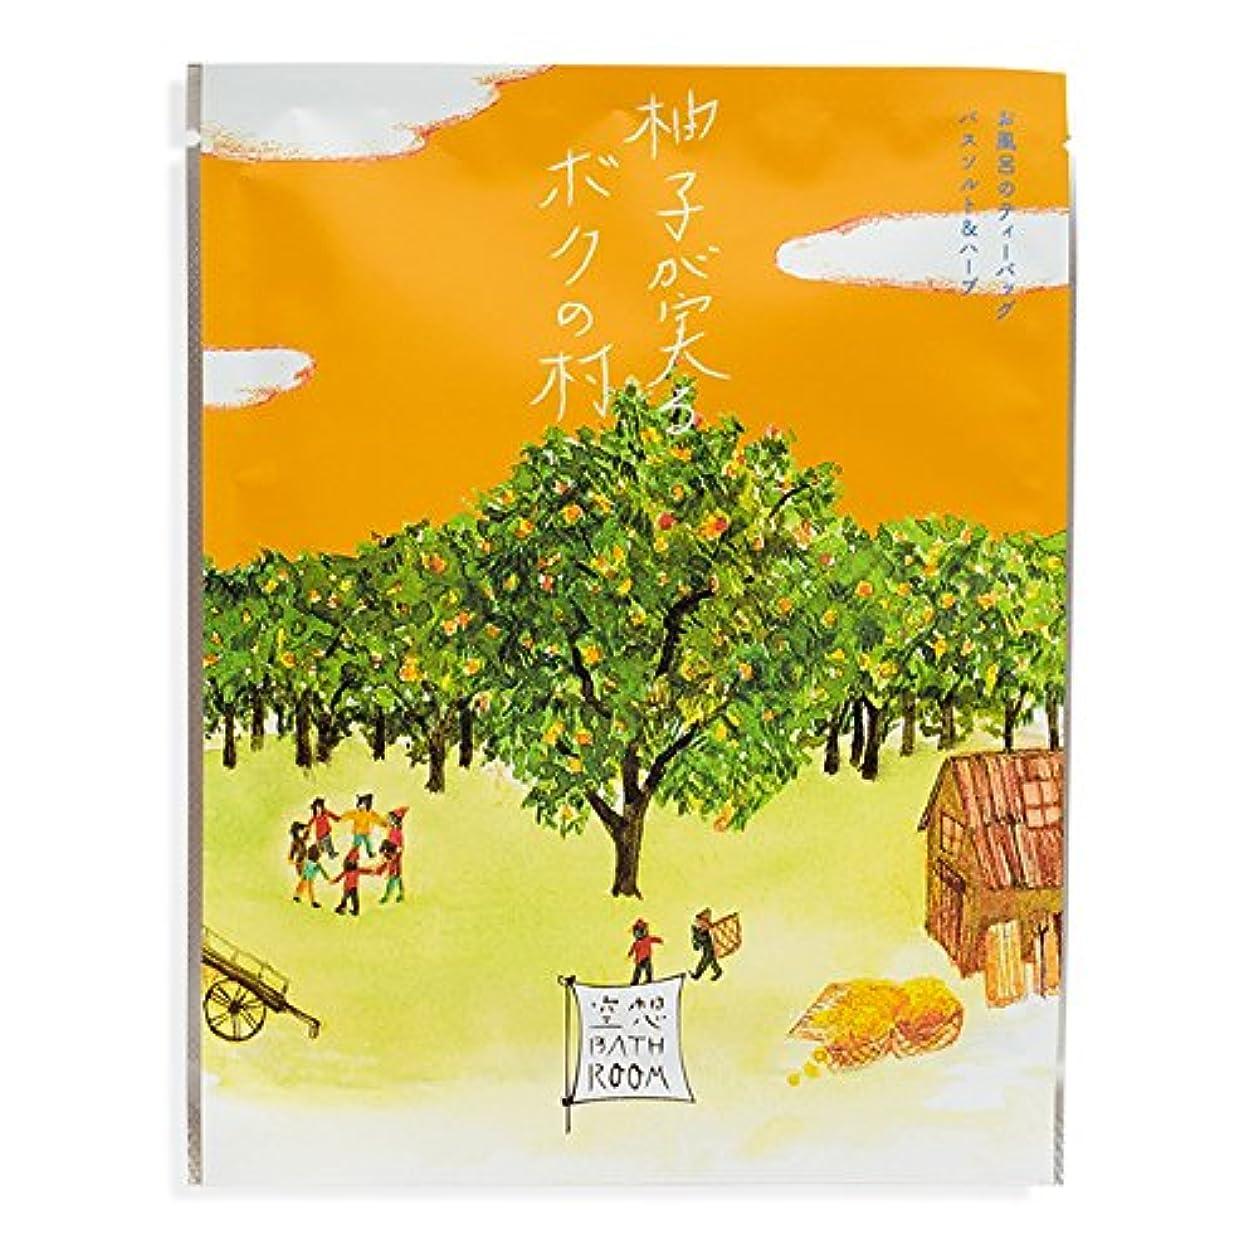 タバコプレミアム許可チャーリー 空想バスルーム 柚子が実るボクの村 30g